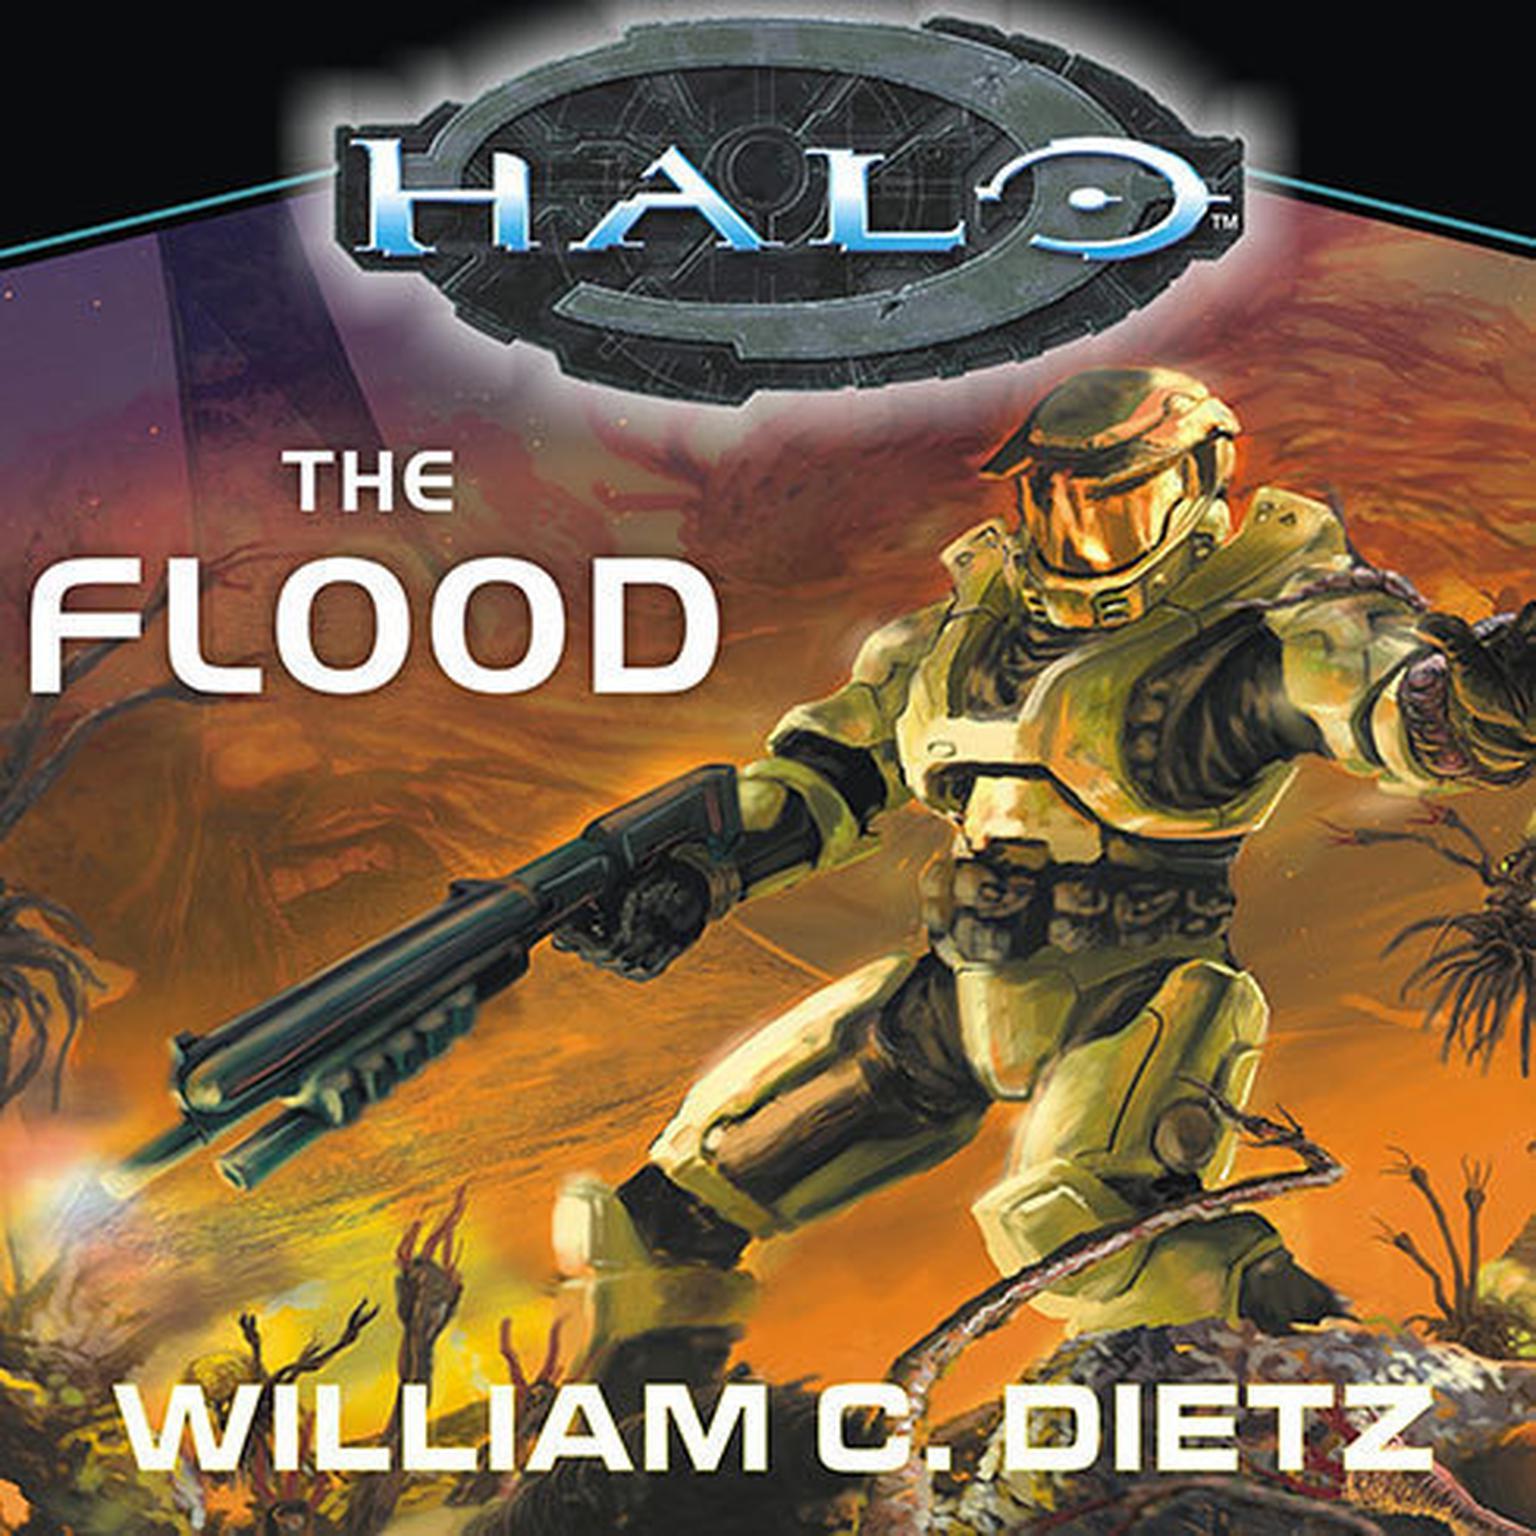 Halo потоп скачать fb2